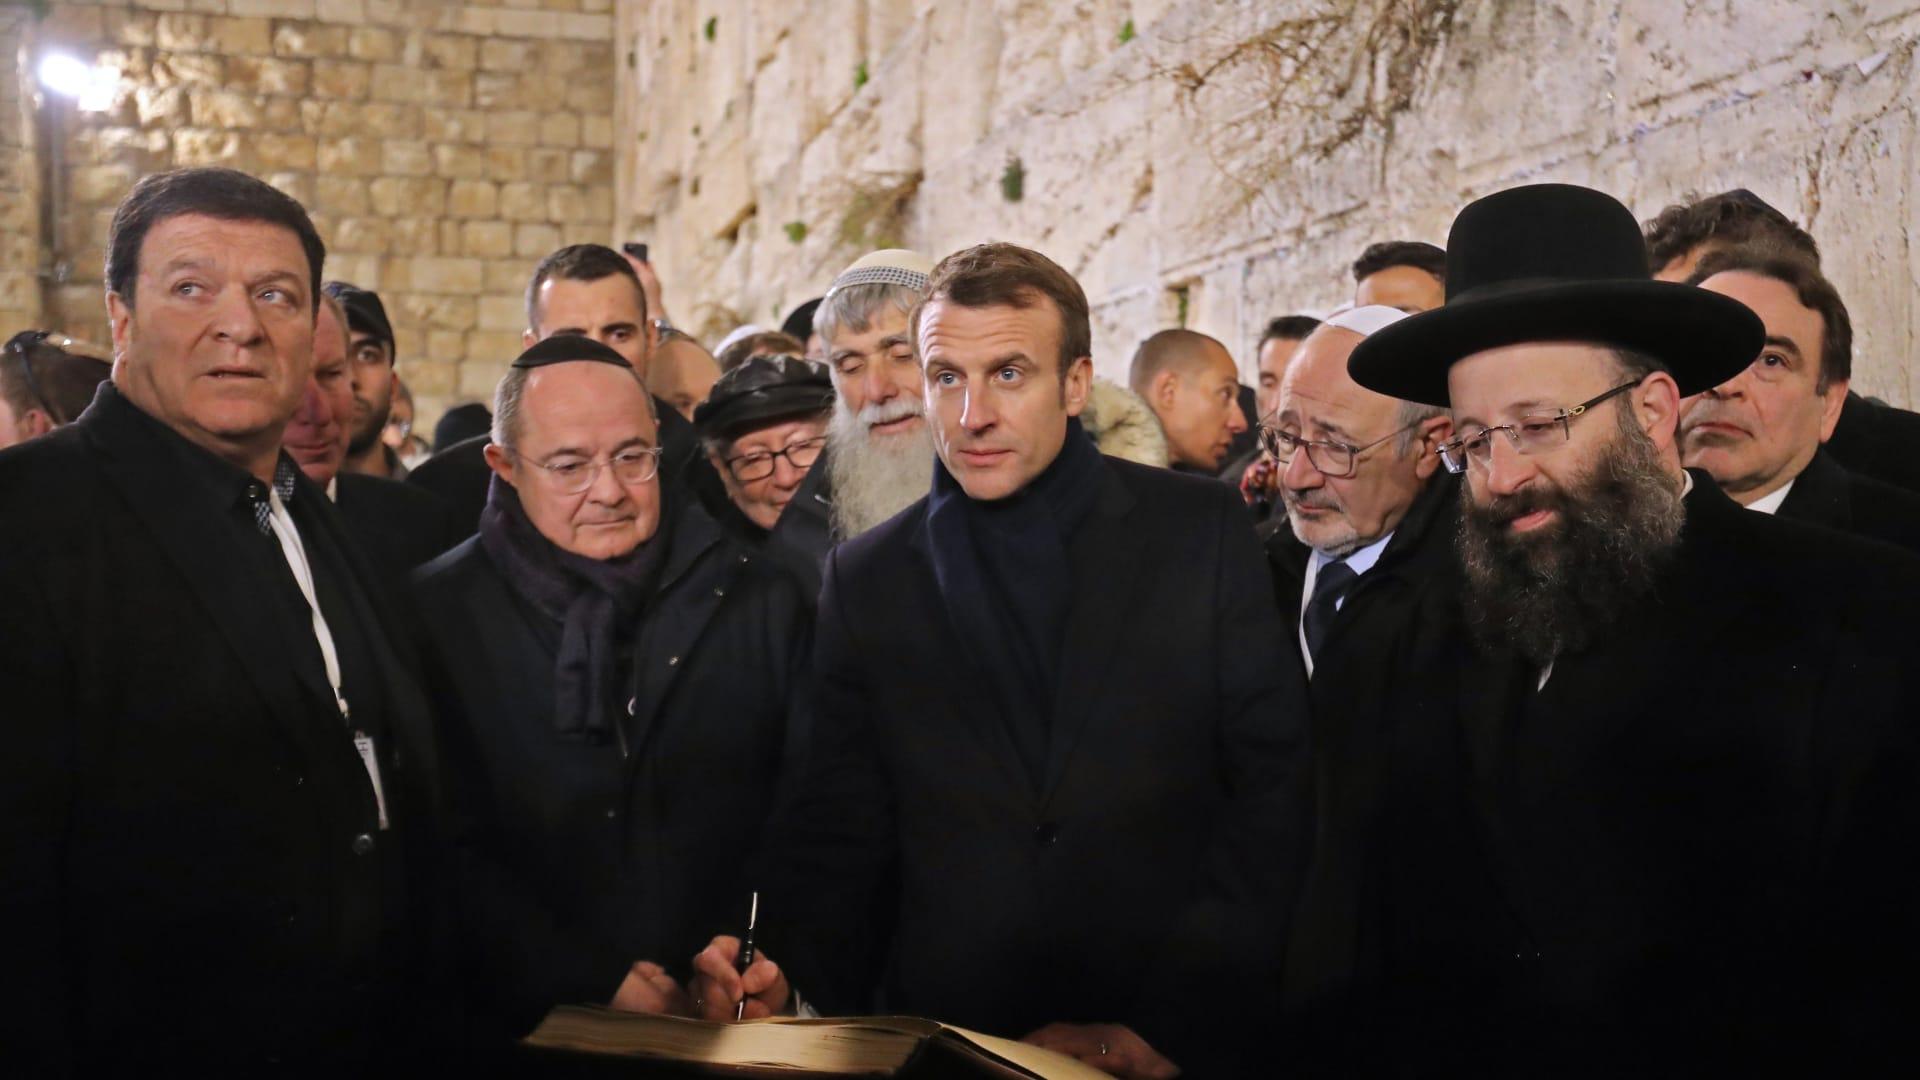 """بـ""""البلدوزر"""" ومتفجرات.. إسرائيل تهدم منازل فلسطينيين بالقدس"""